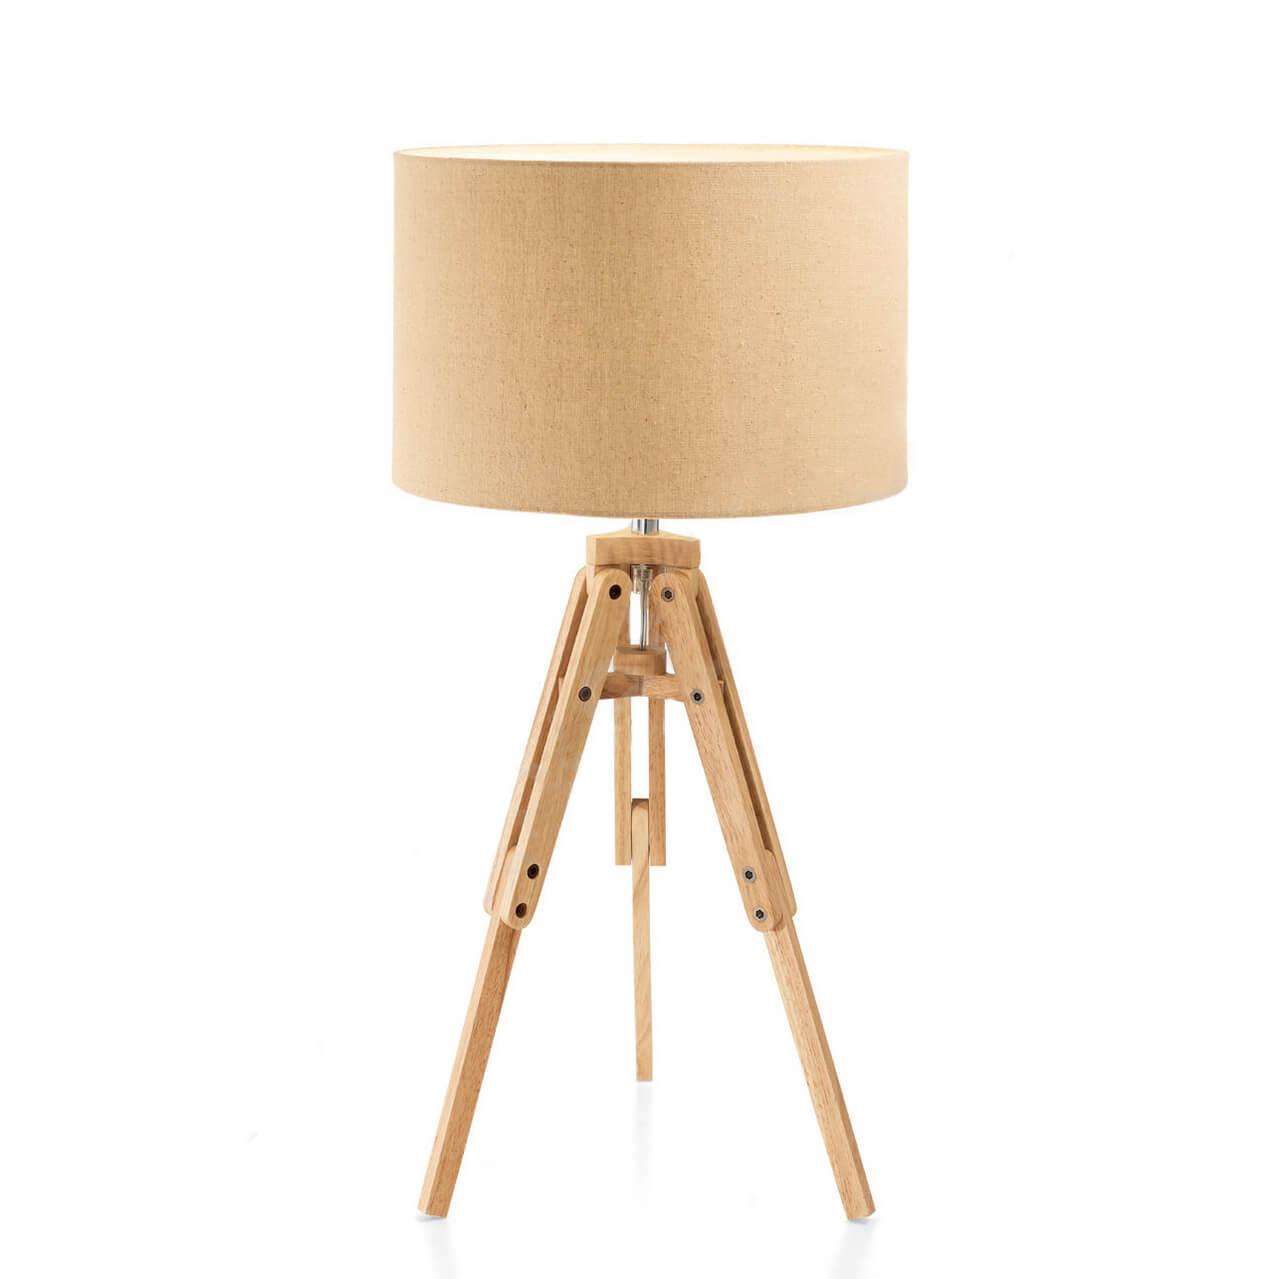 Настольная лампа Ideal Lux Klimt TL1 настольная лампа ideal lux london cromo tl1 big